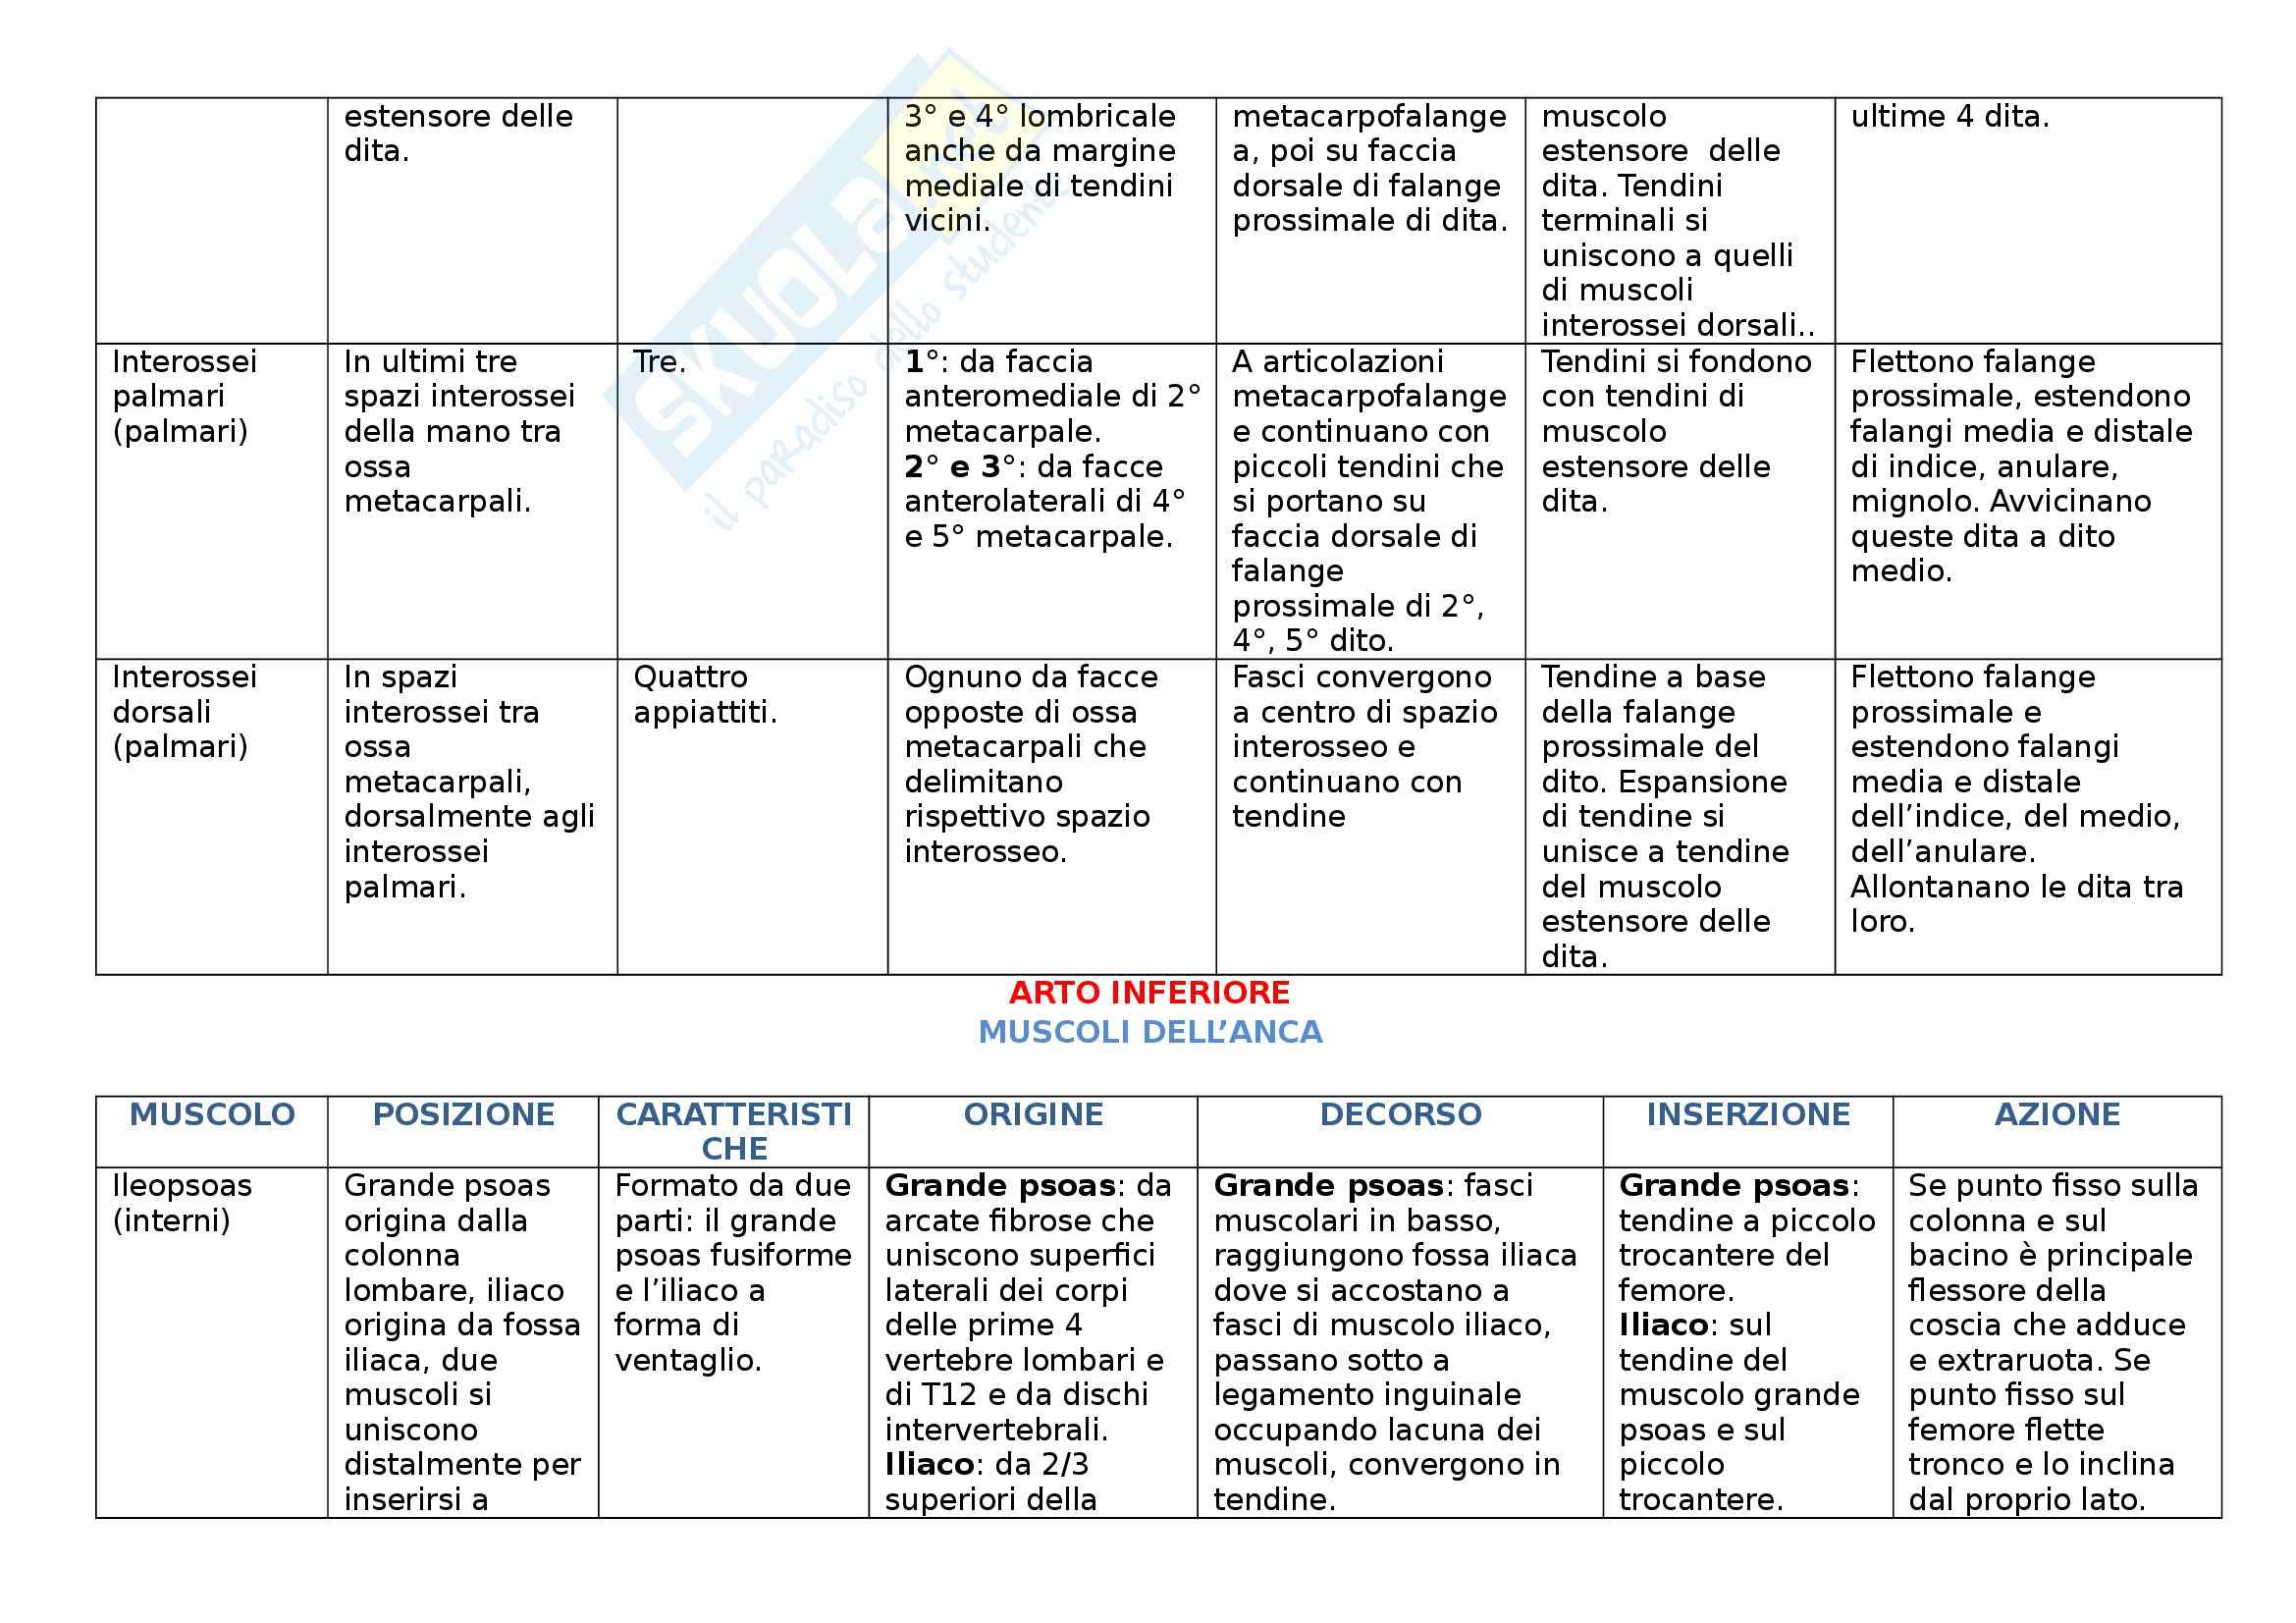 Muscoli - Tabella dei muscoli del corpo divisi per sede. Indicazione di posizione, caratteristiche, origine, decorso, inserzione, azione Pag. 26